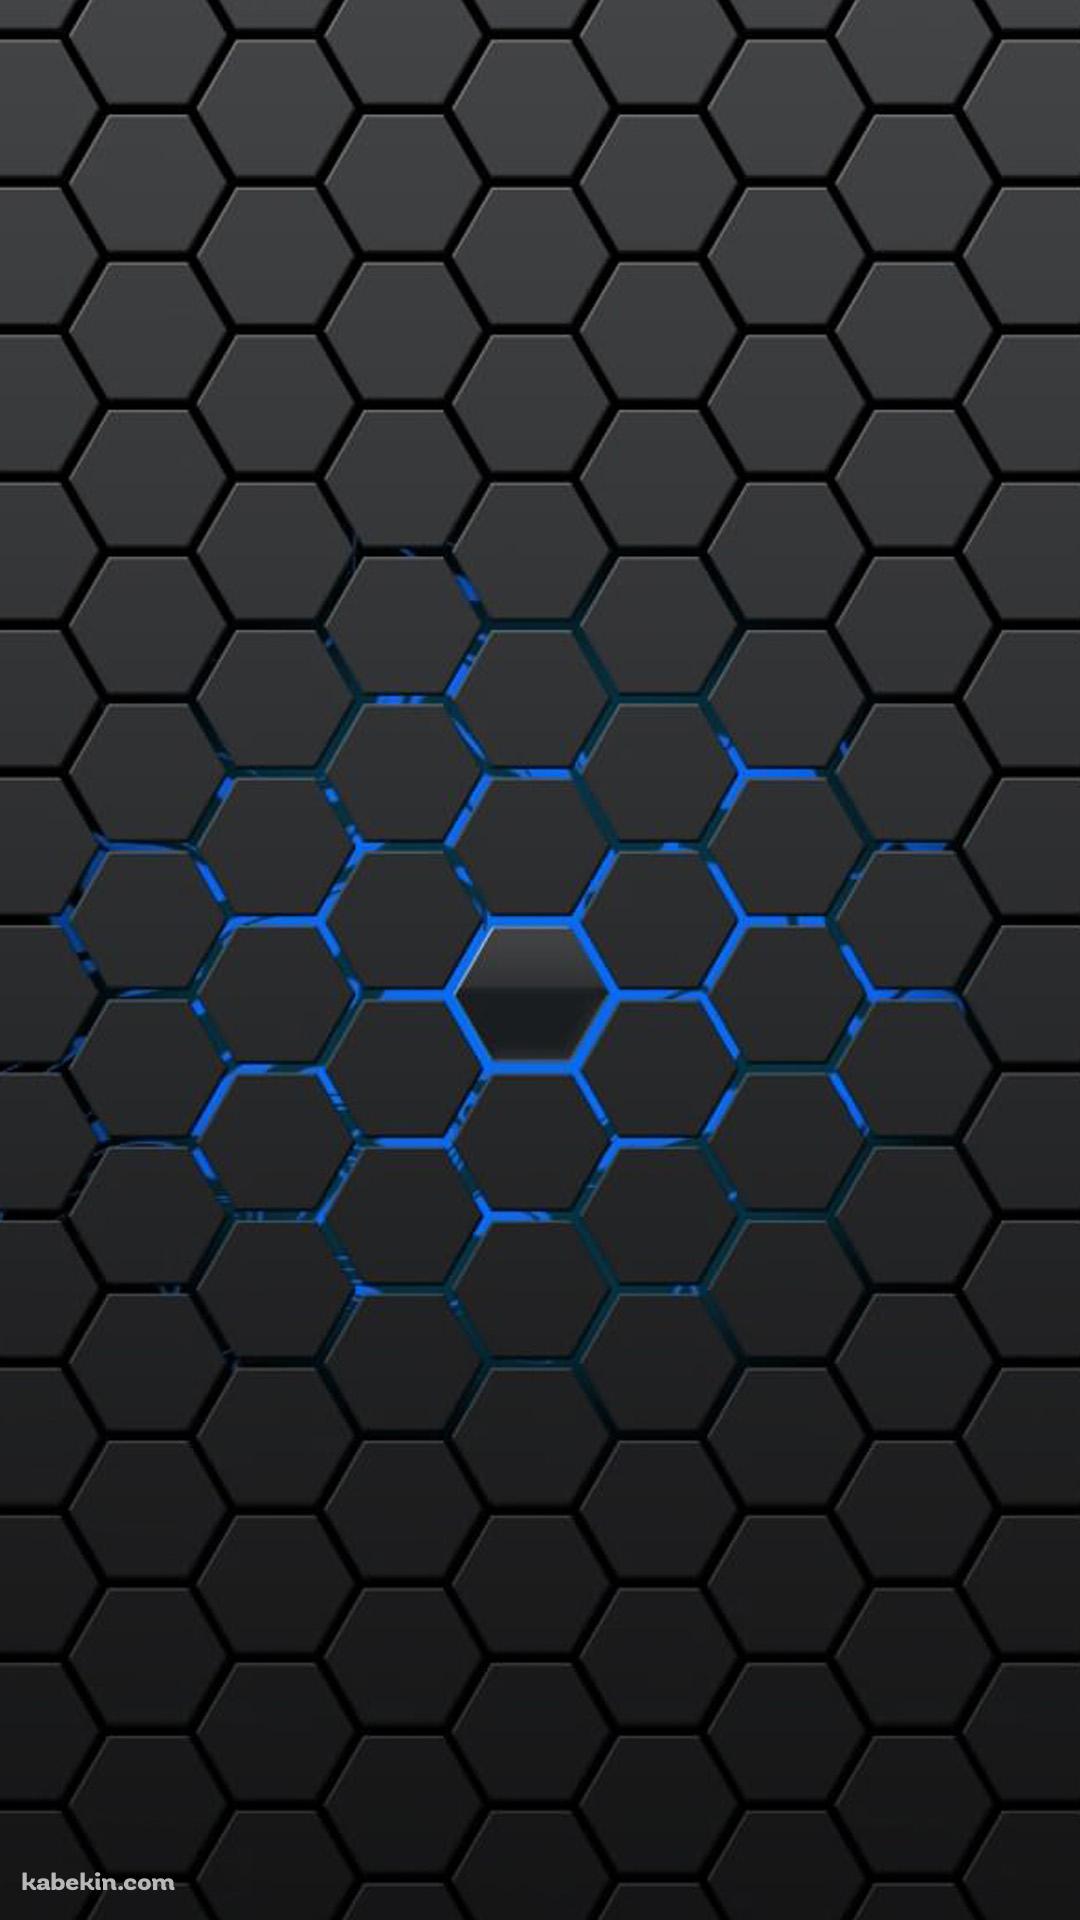 黒と青の六角形のandroid壁紙 1080 X 19 壁紙キングダム スマホ版